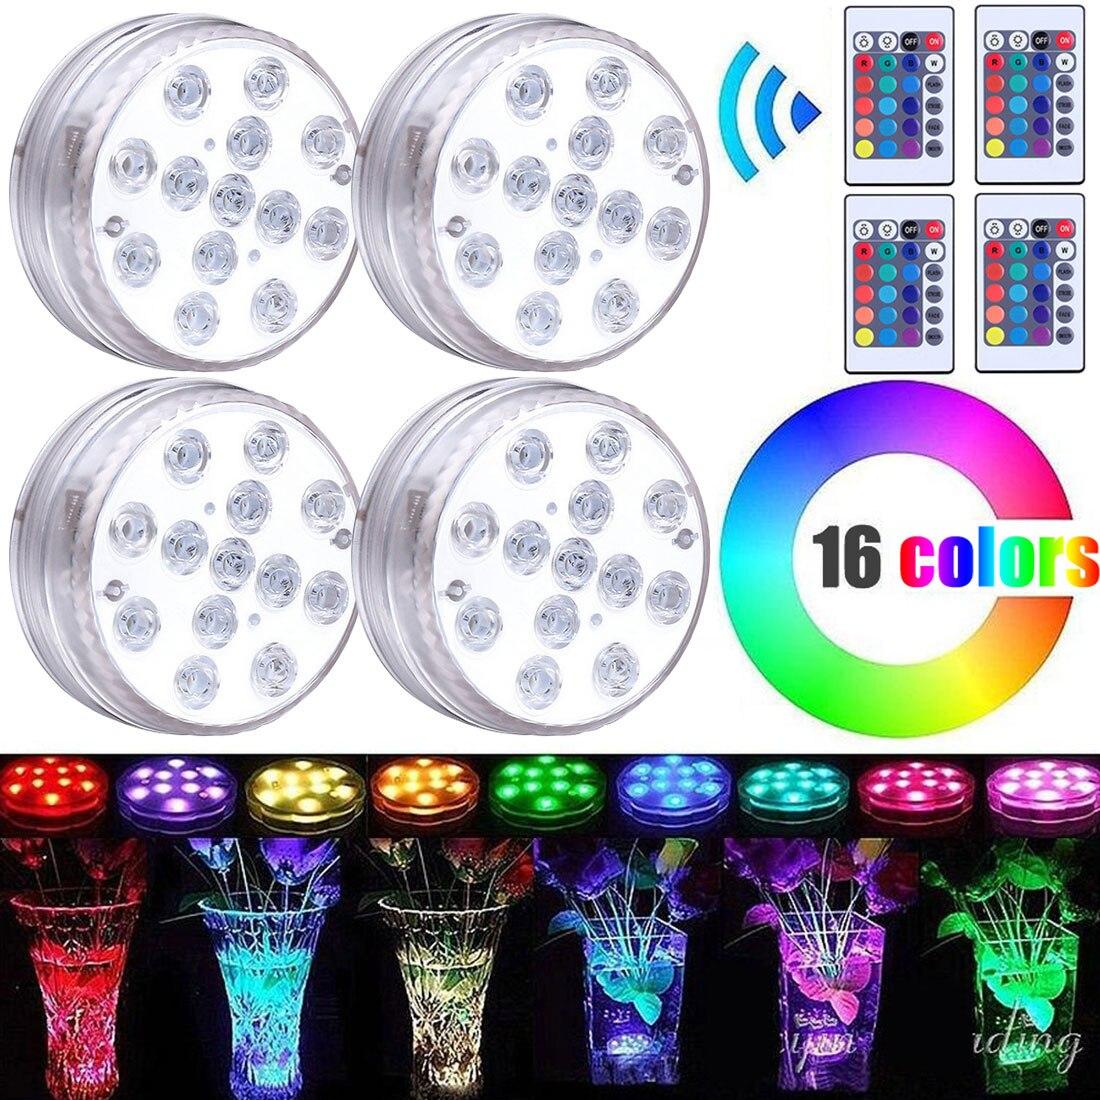 3 LED/ 13 LED luci a LED sommergibili lampada da notte impermeabile telecomando per diserbo Tea Light vaso decorazioni per feste